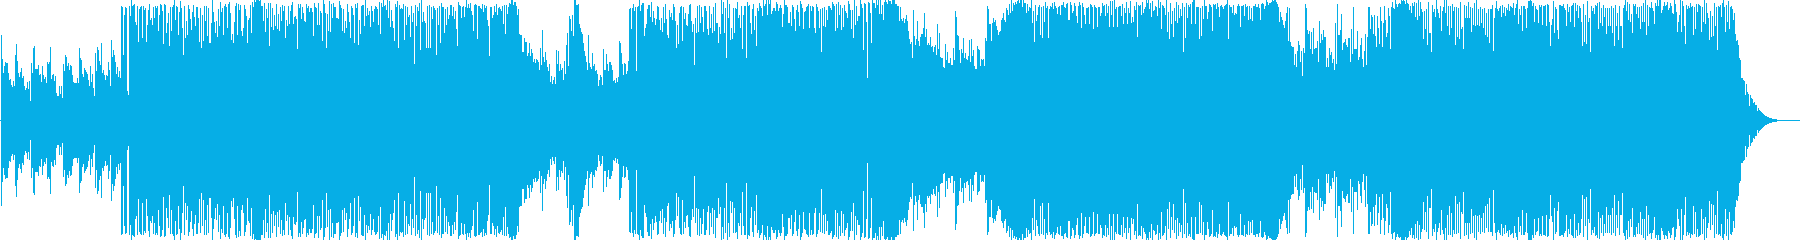 軽快で疾走感があるテクノポップBGMですの再生済みの波形